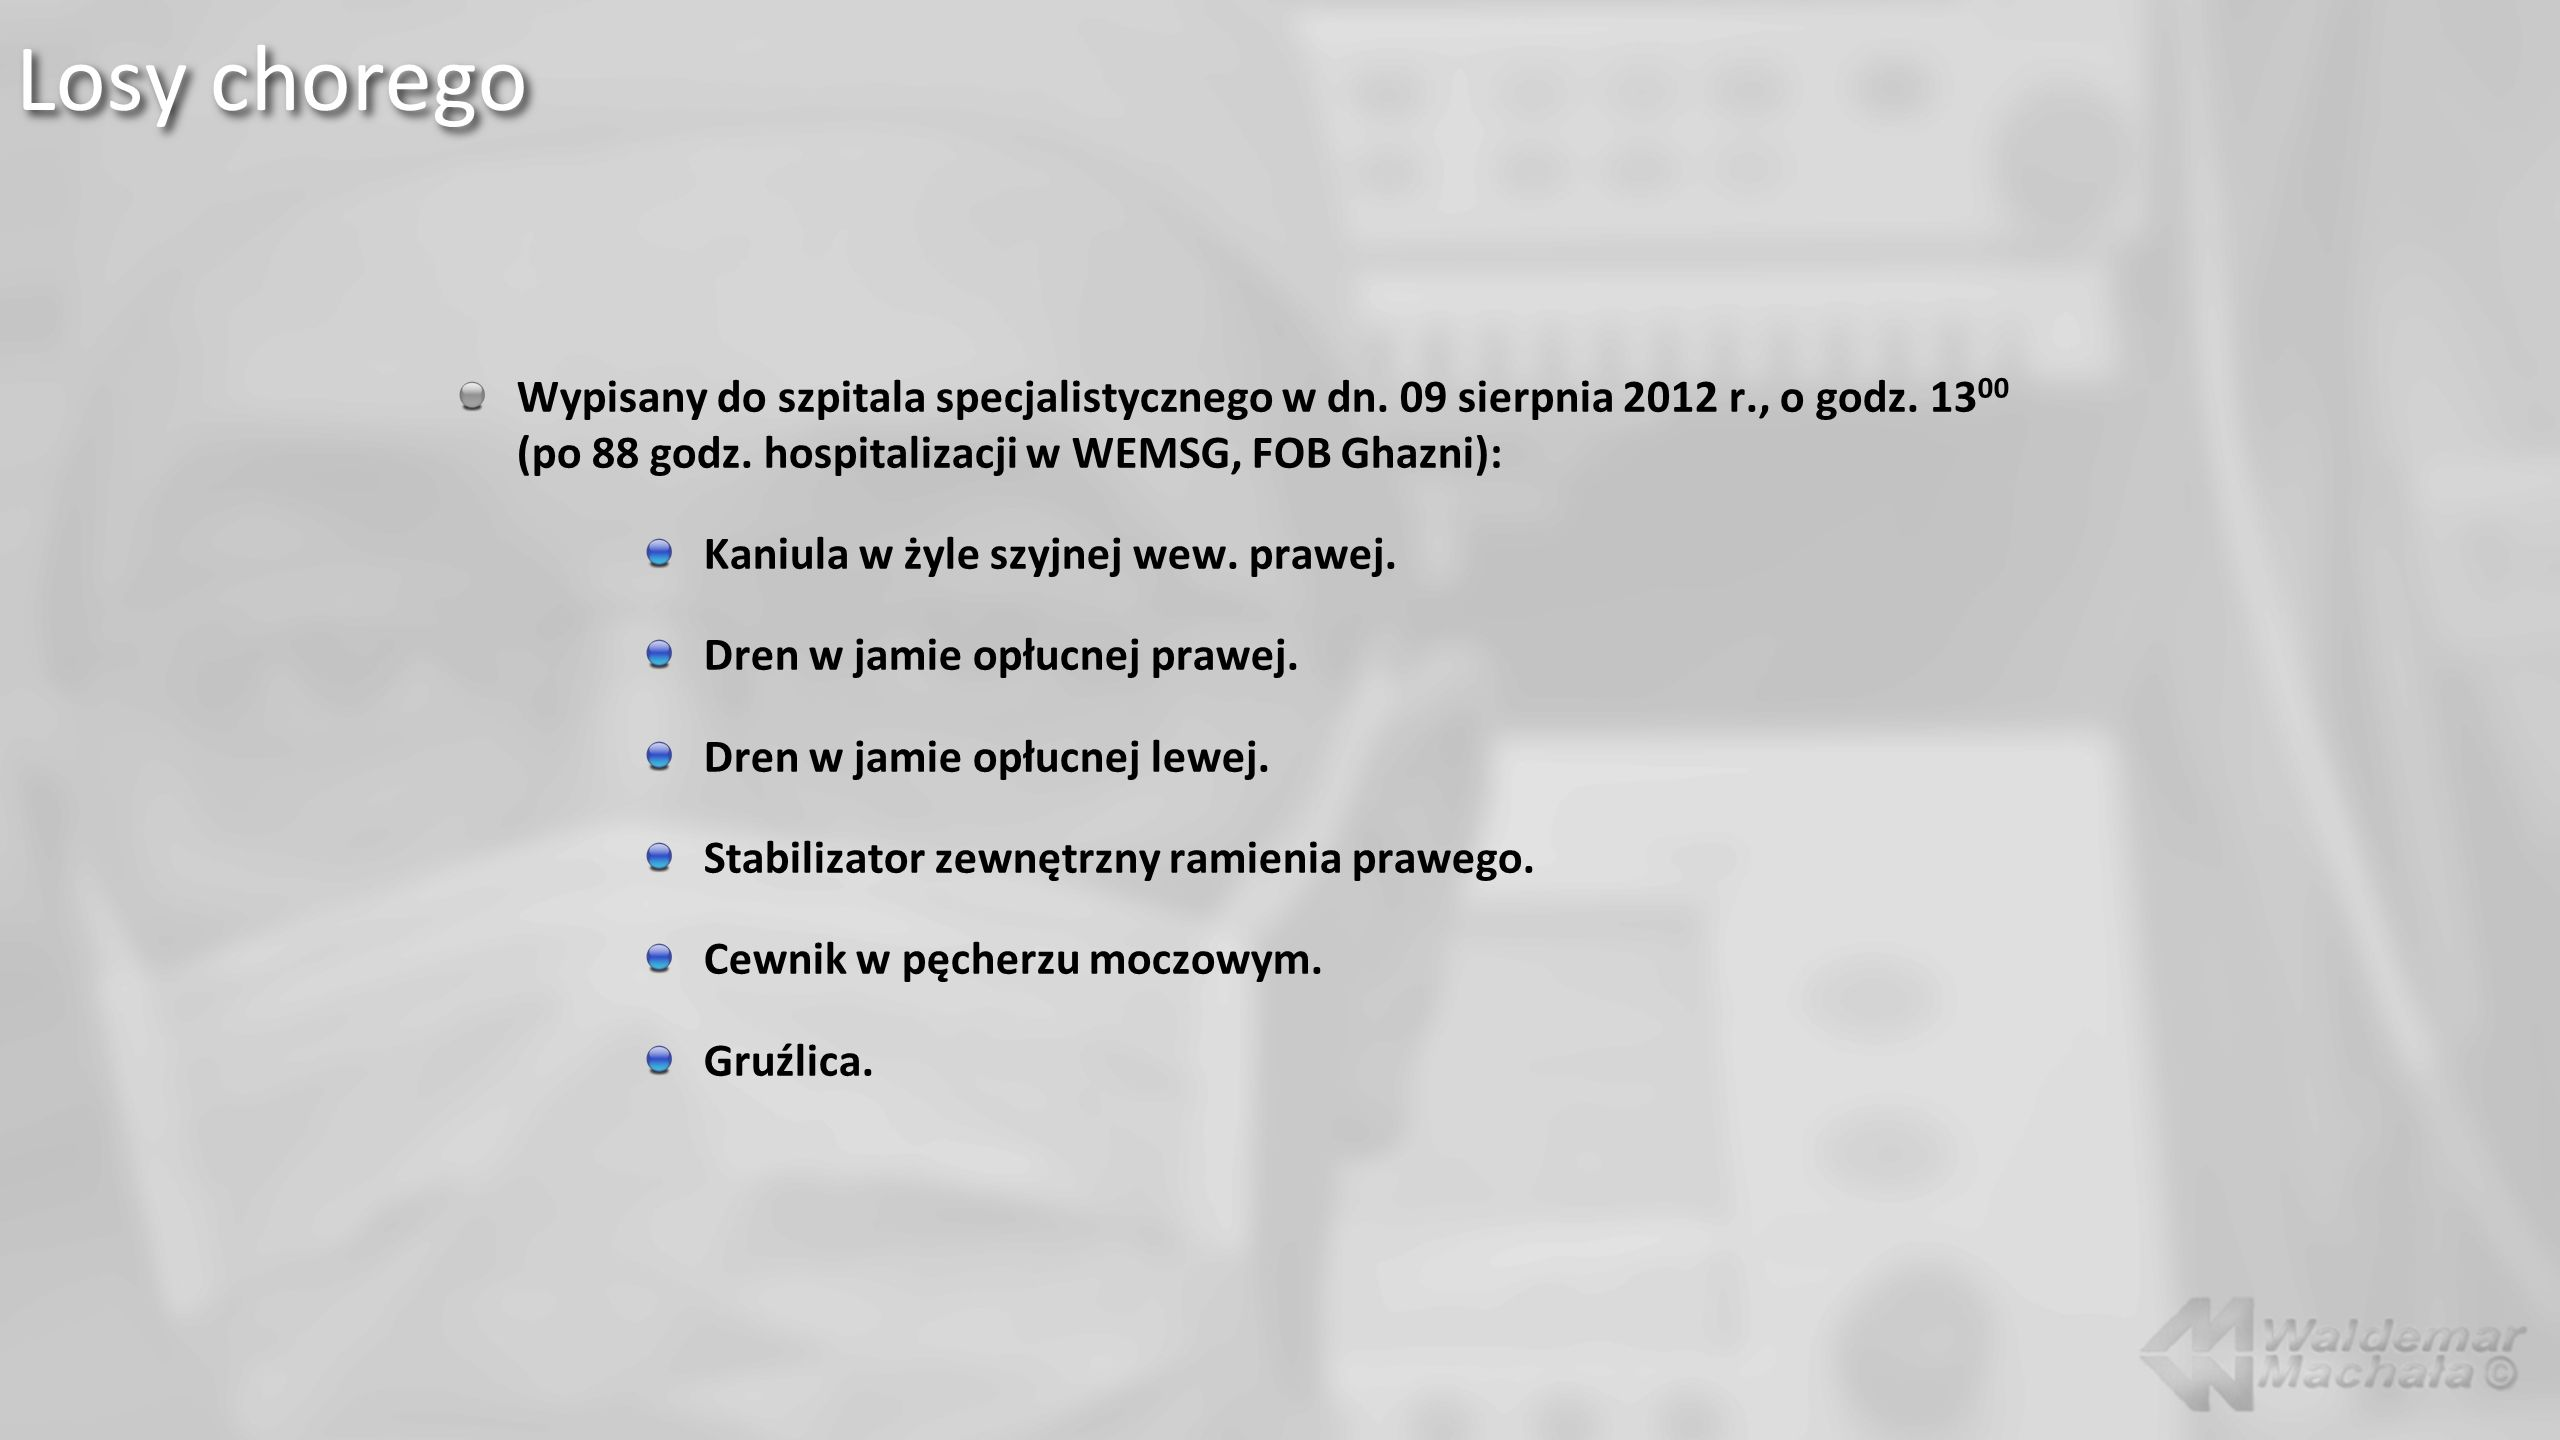 Losy choregoWypisany do szpitala specjalistycznego w dn. 09 sierpnia 2012 r., o godz. 1300 (po 88 godz. hospitalizacji w WEMSG, FOB Ghazni):